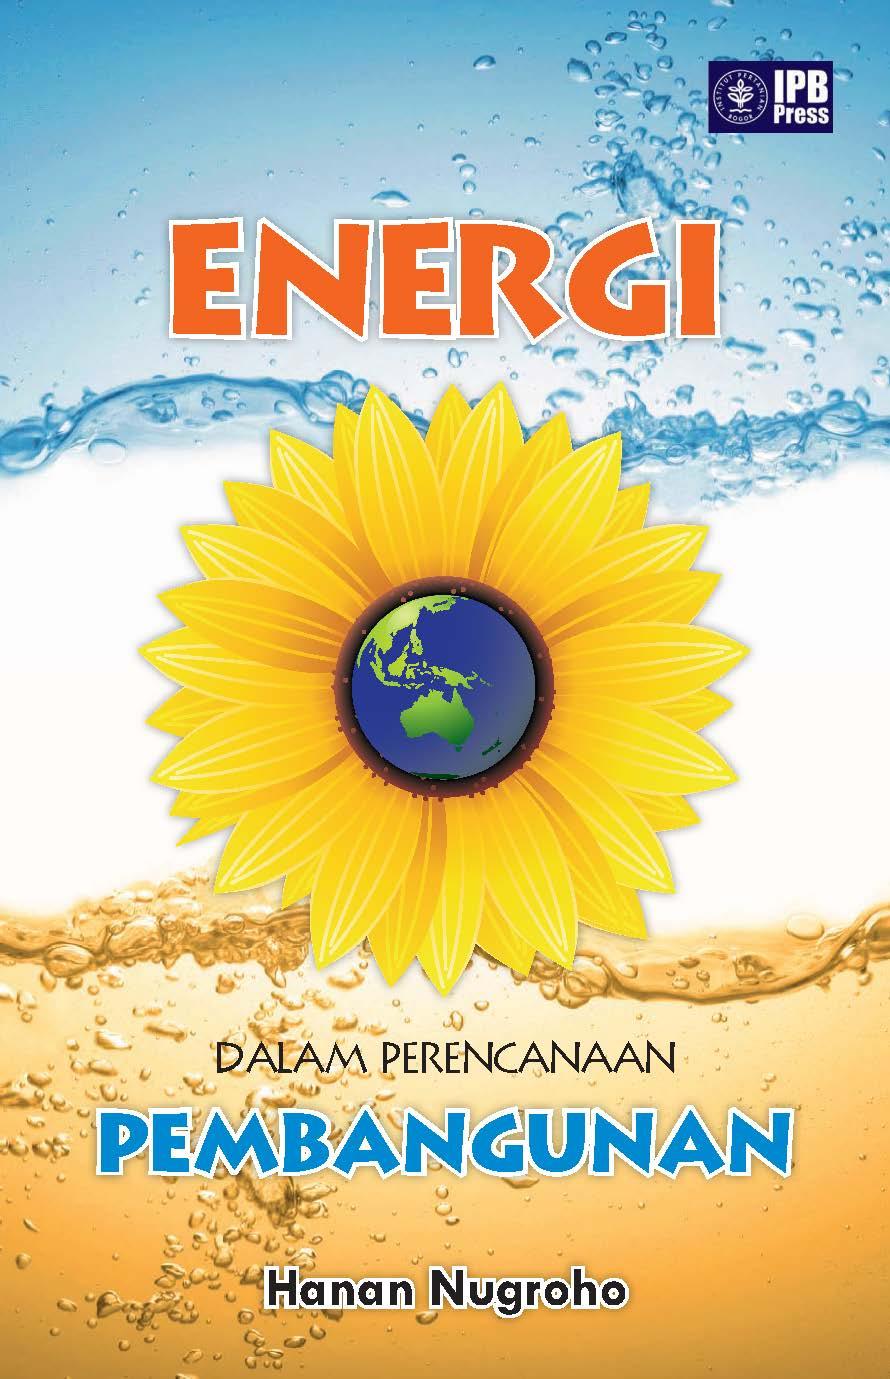 Energi dalam perencanaan pembangunan [sumber elektronis]